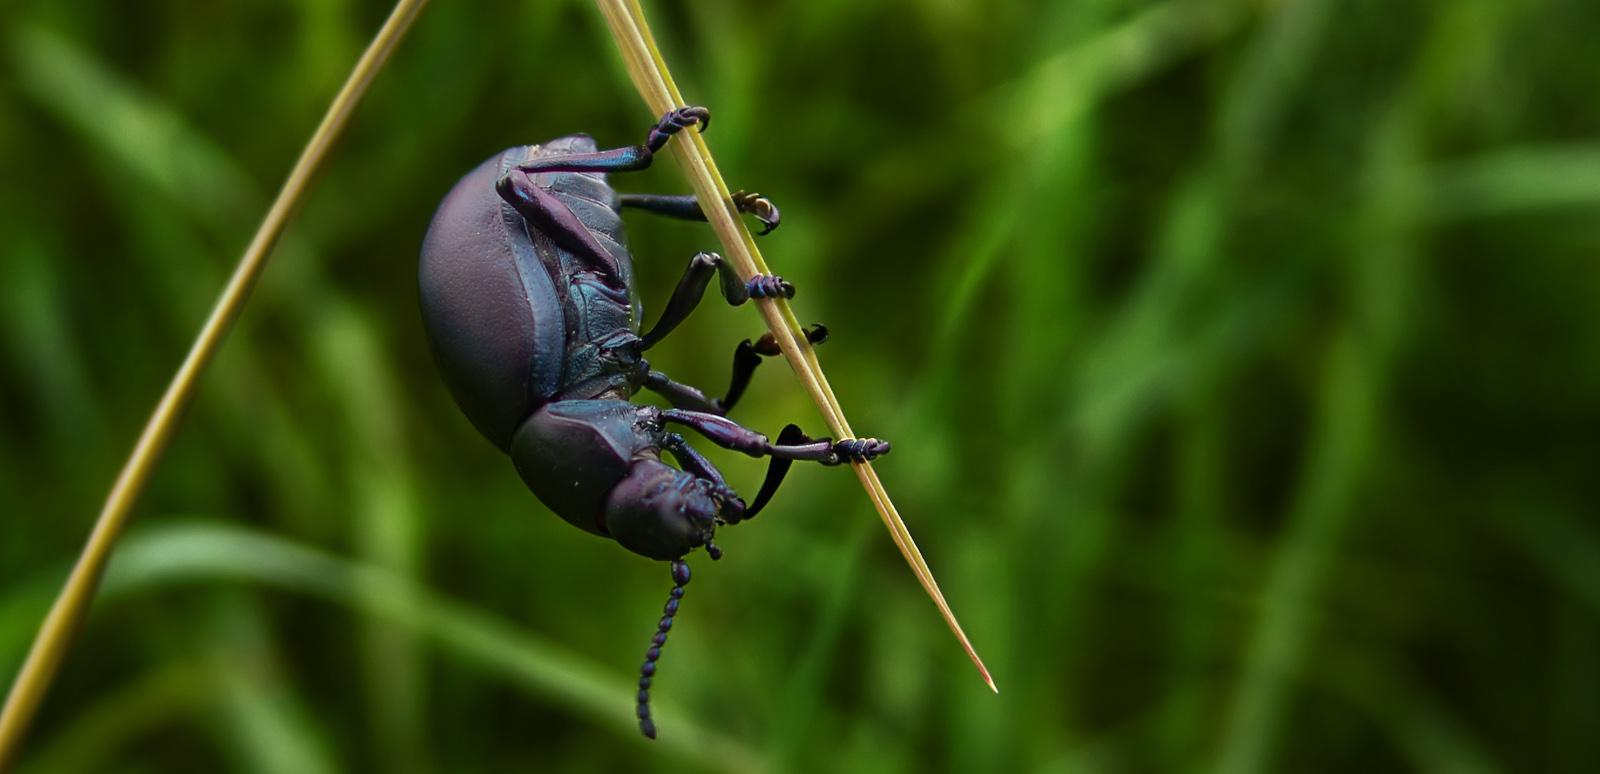 Big bug by WTek79